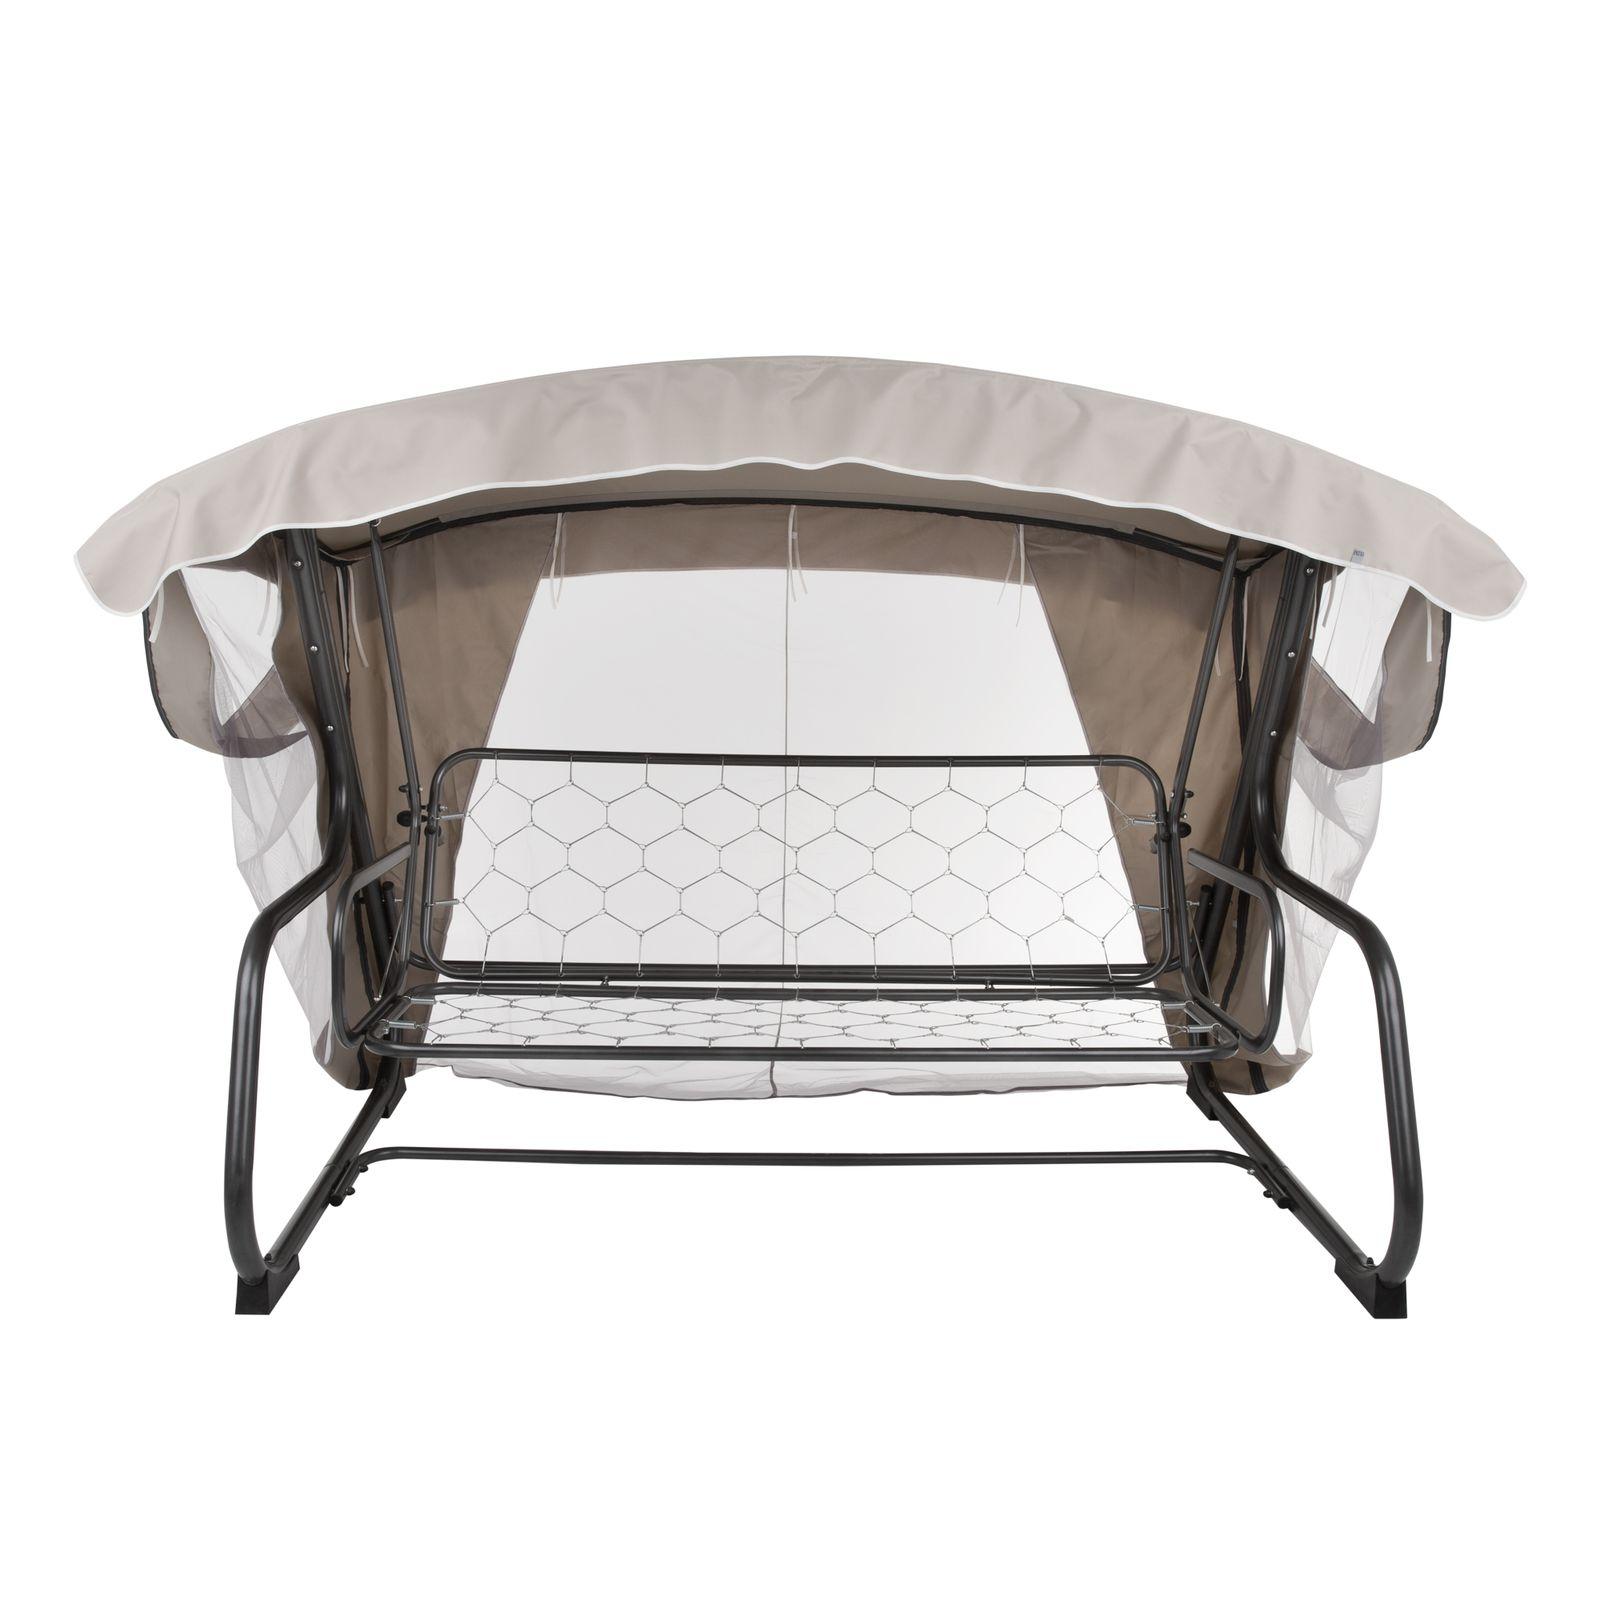 Dach z moskitierą do huśtawki ogrodowej 224 x 124 cm Ravenna D031-15CW PATIO